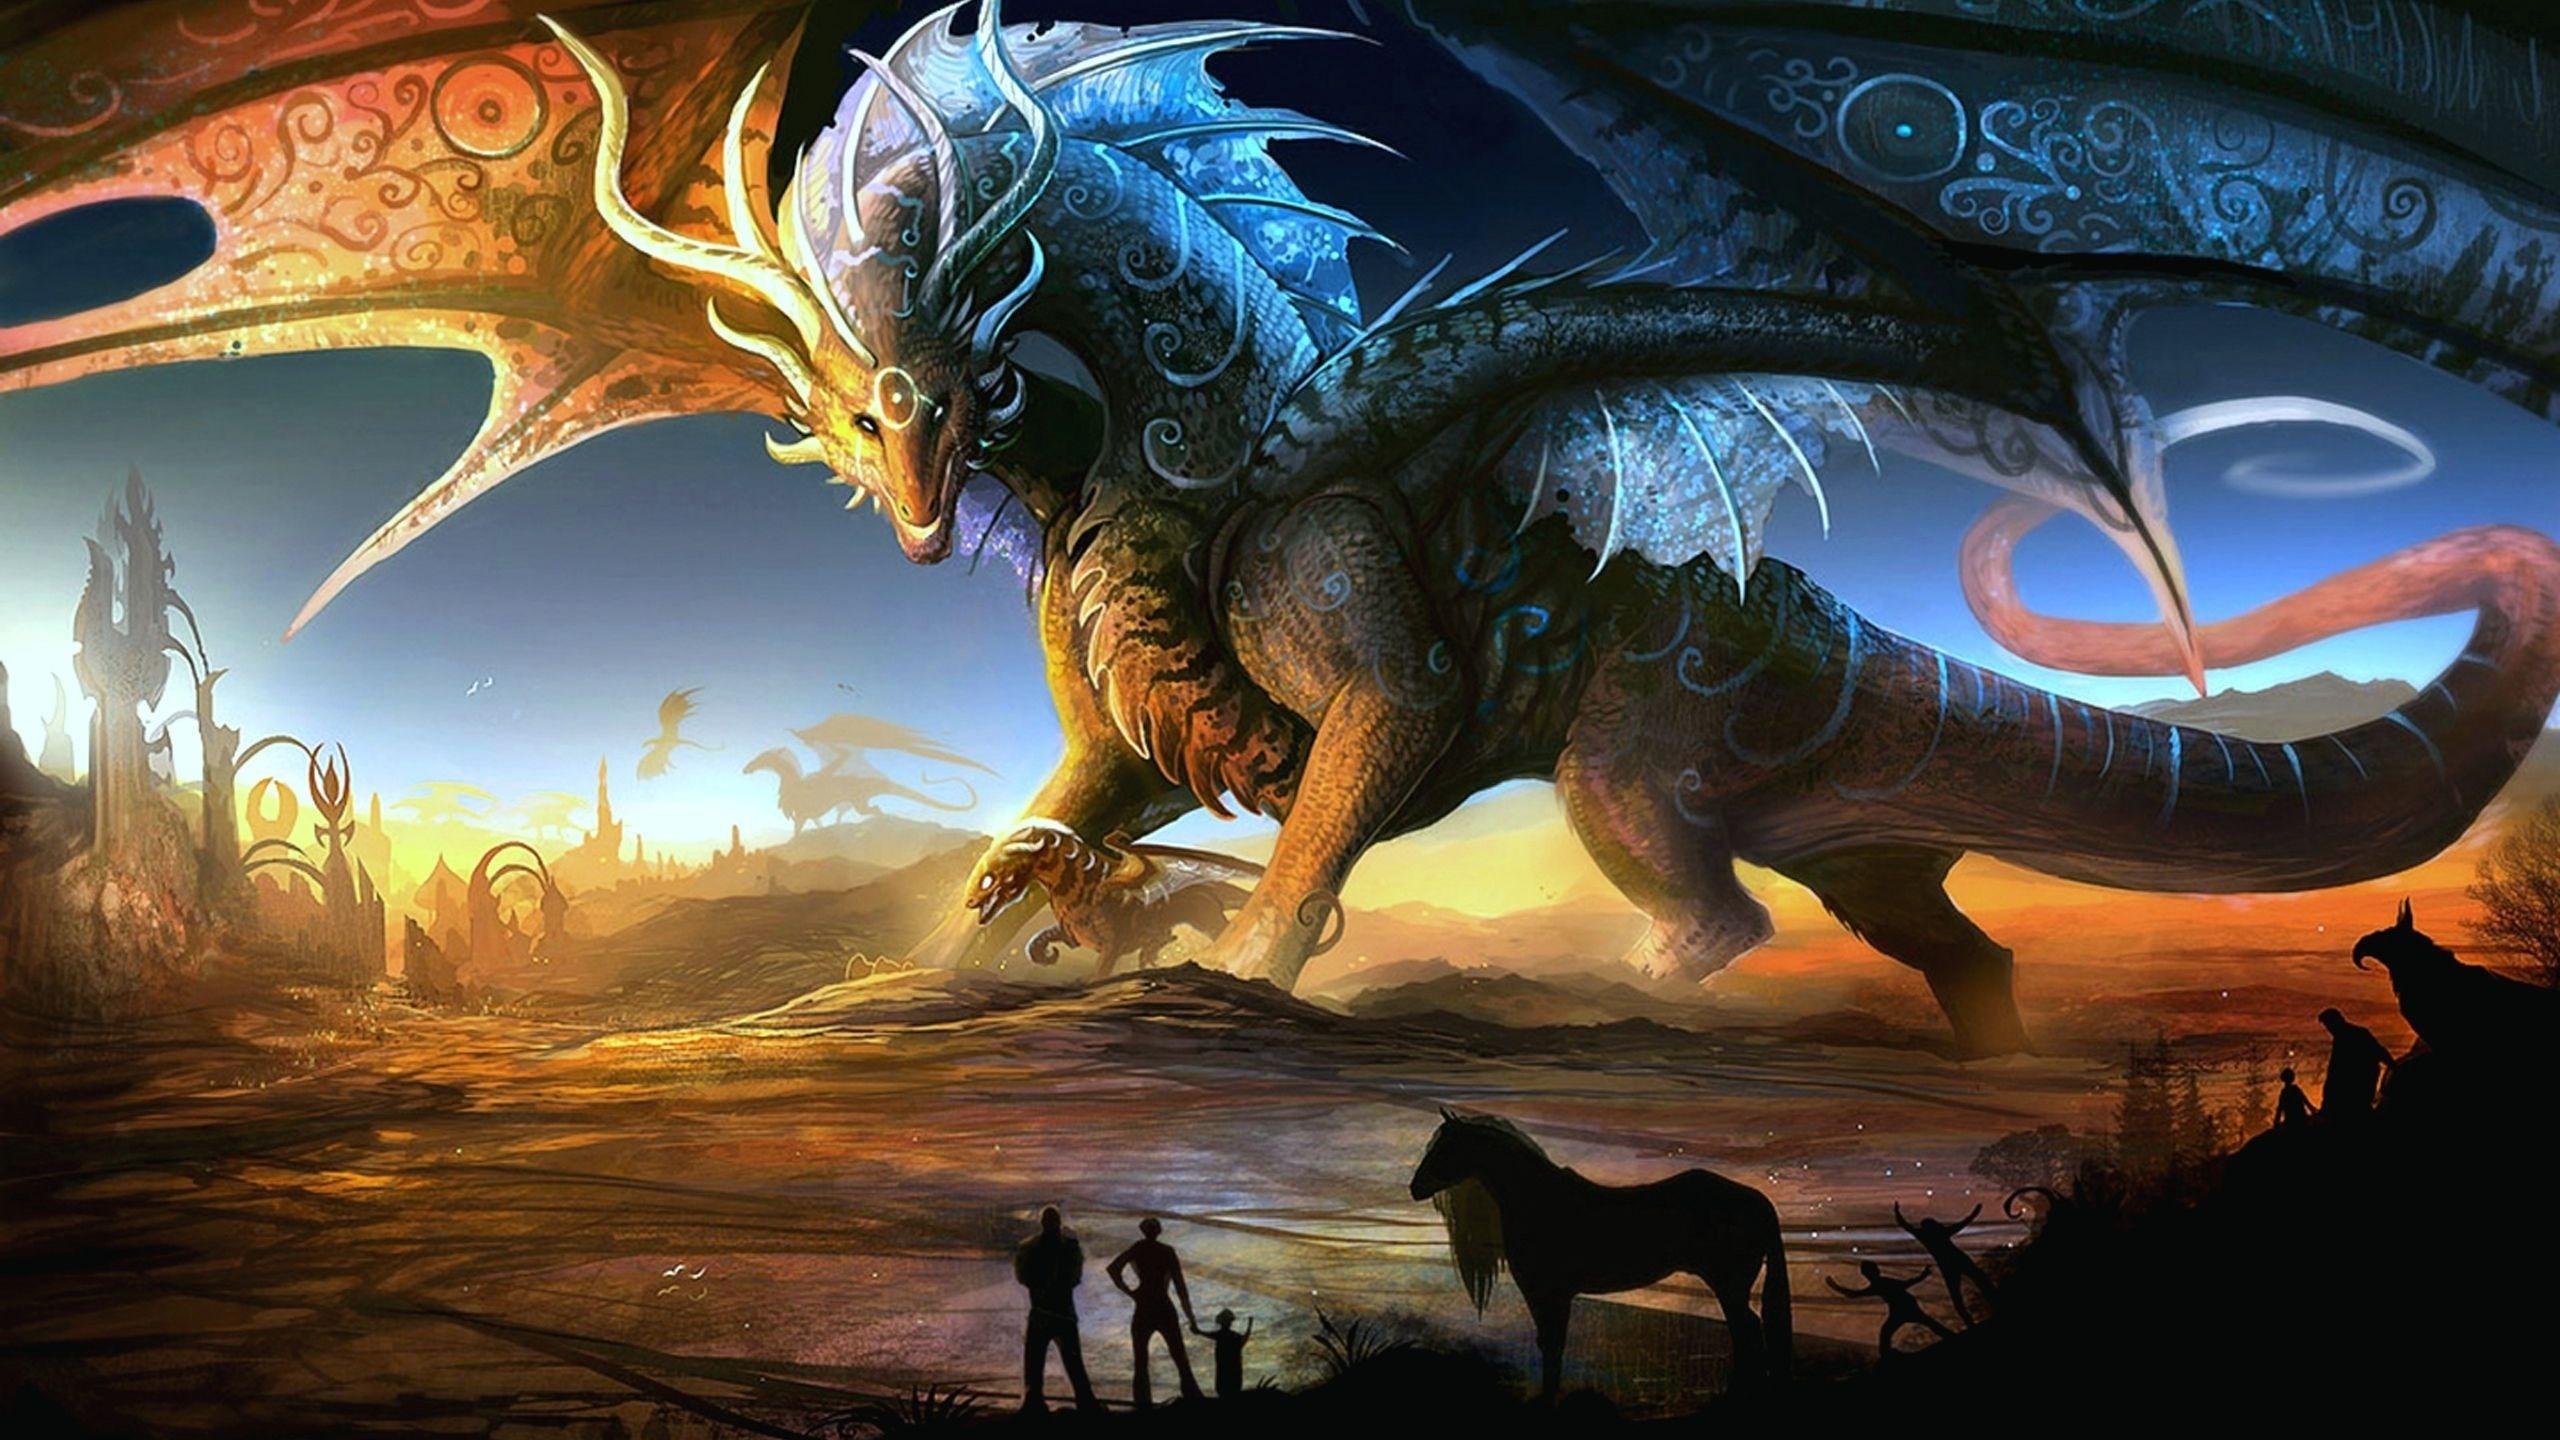 дракон картинки высокое разрешение начале нашей эры